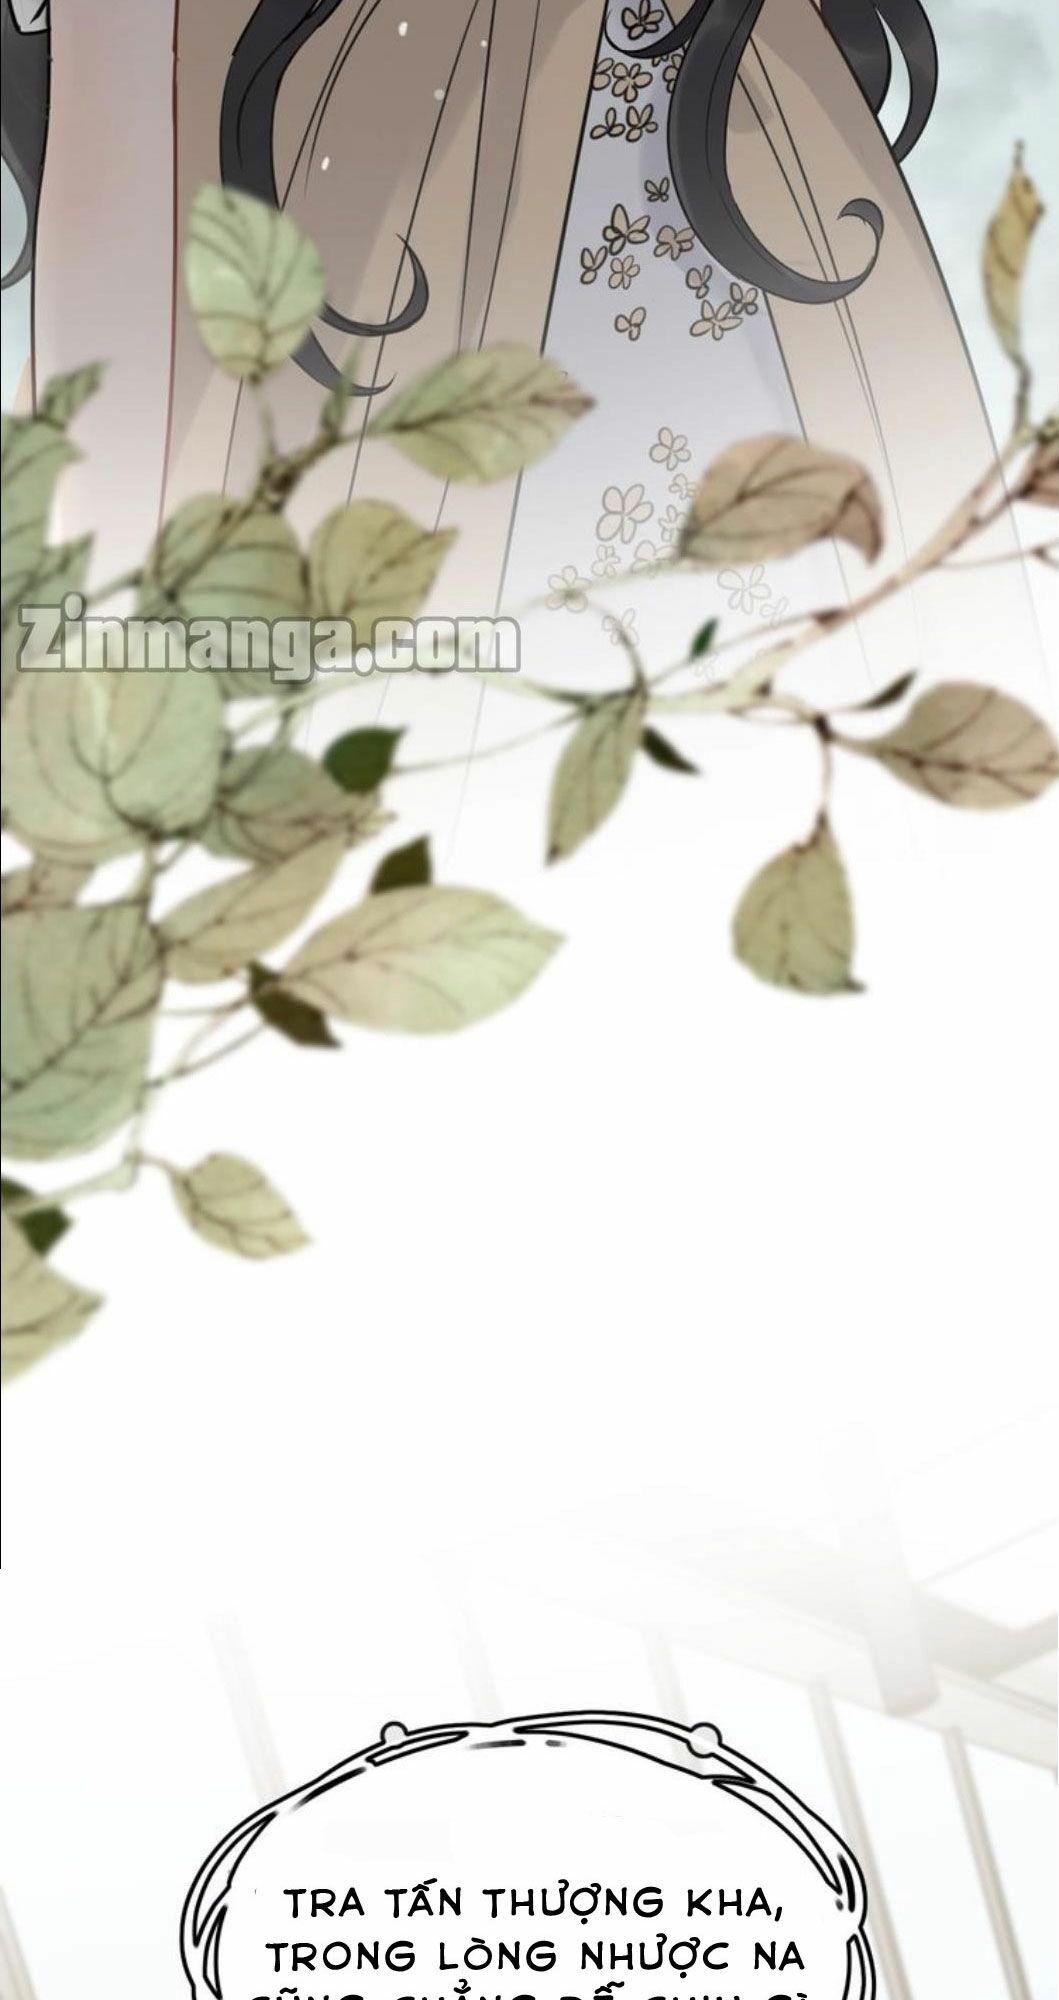 Cô Vợ Hợp Đồng Bỏ Trốn Của Tổng Giám Đốc Chapter 210 - Trang 57